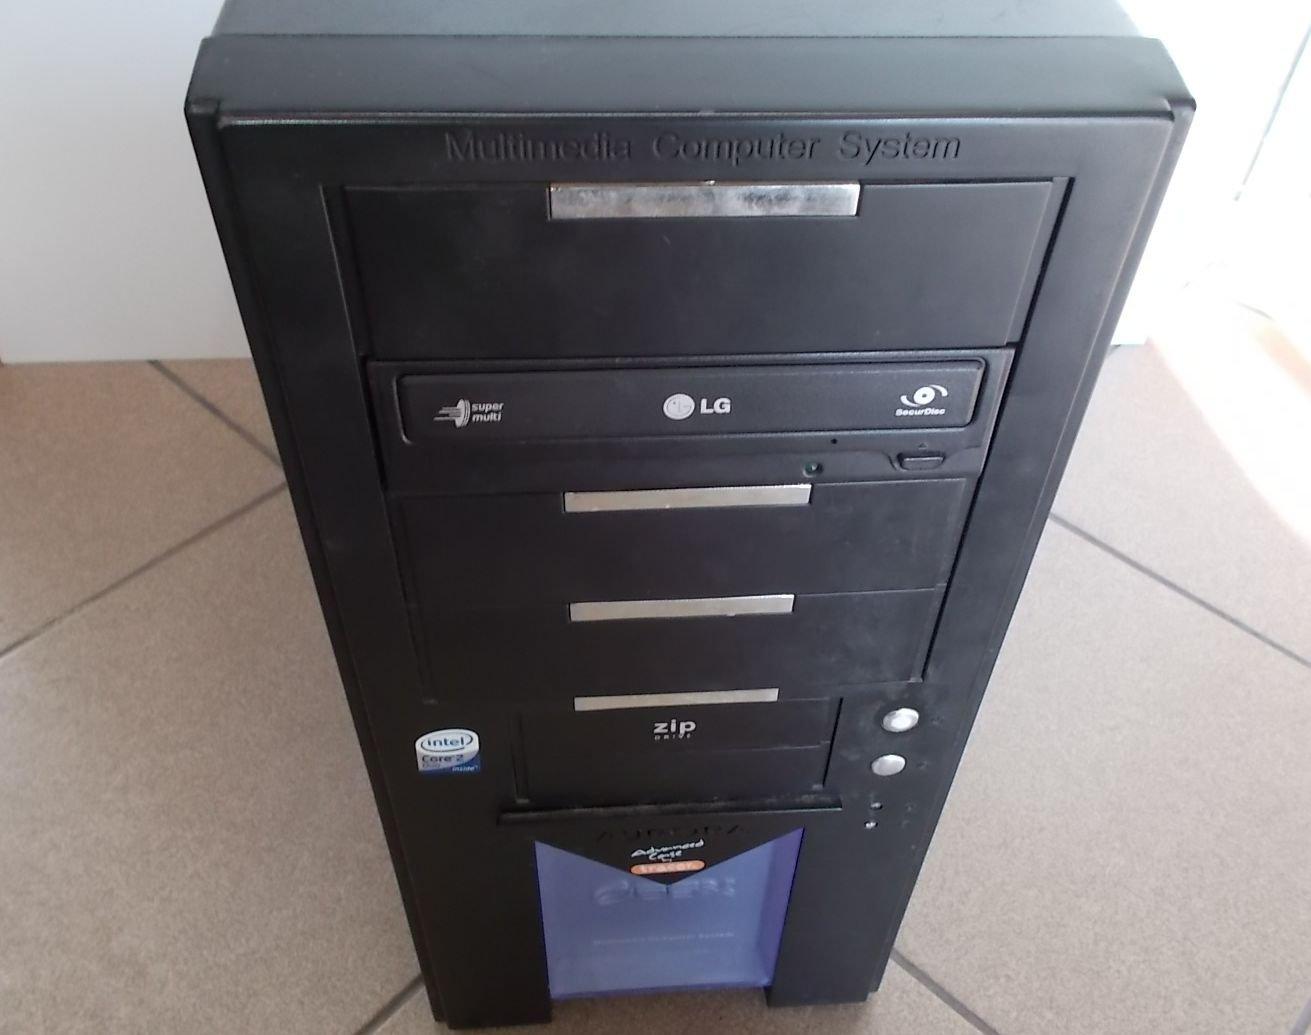 Komputer stacjonarny 4 GB Ram Dysk 250 GB Video 256 MG Dual 2,2 GHz- Opole